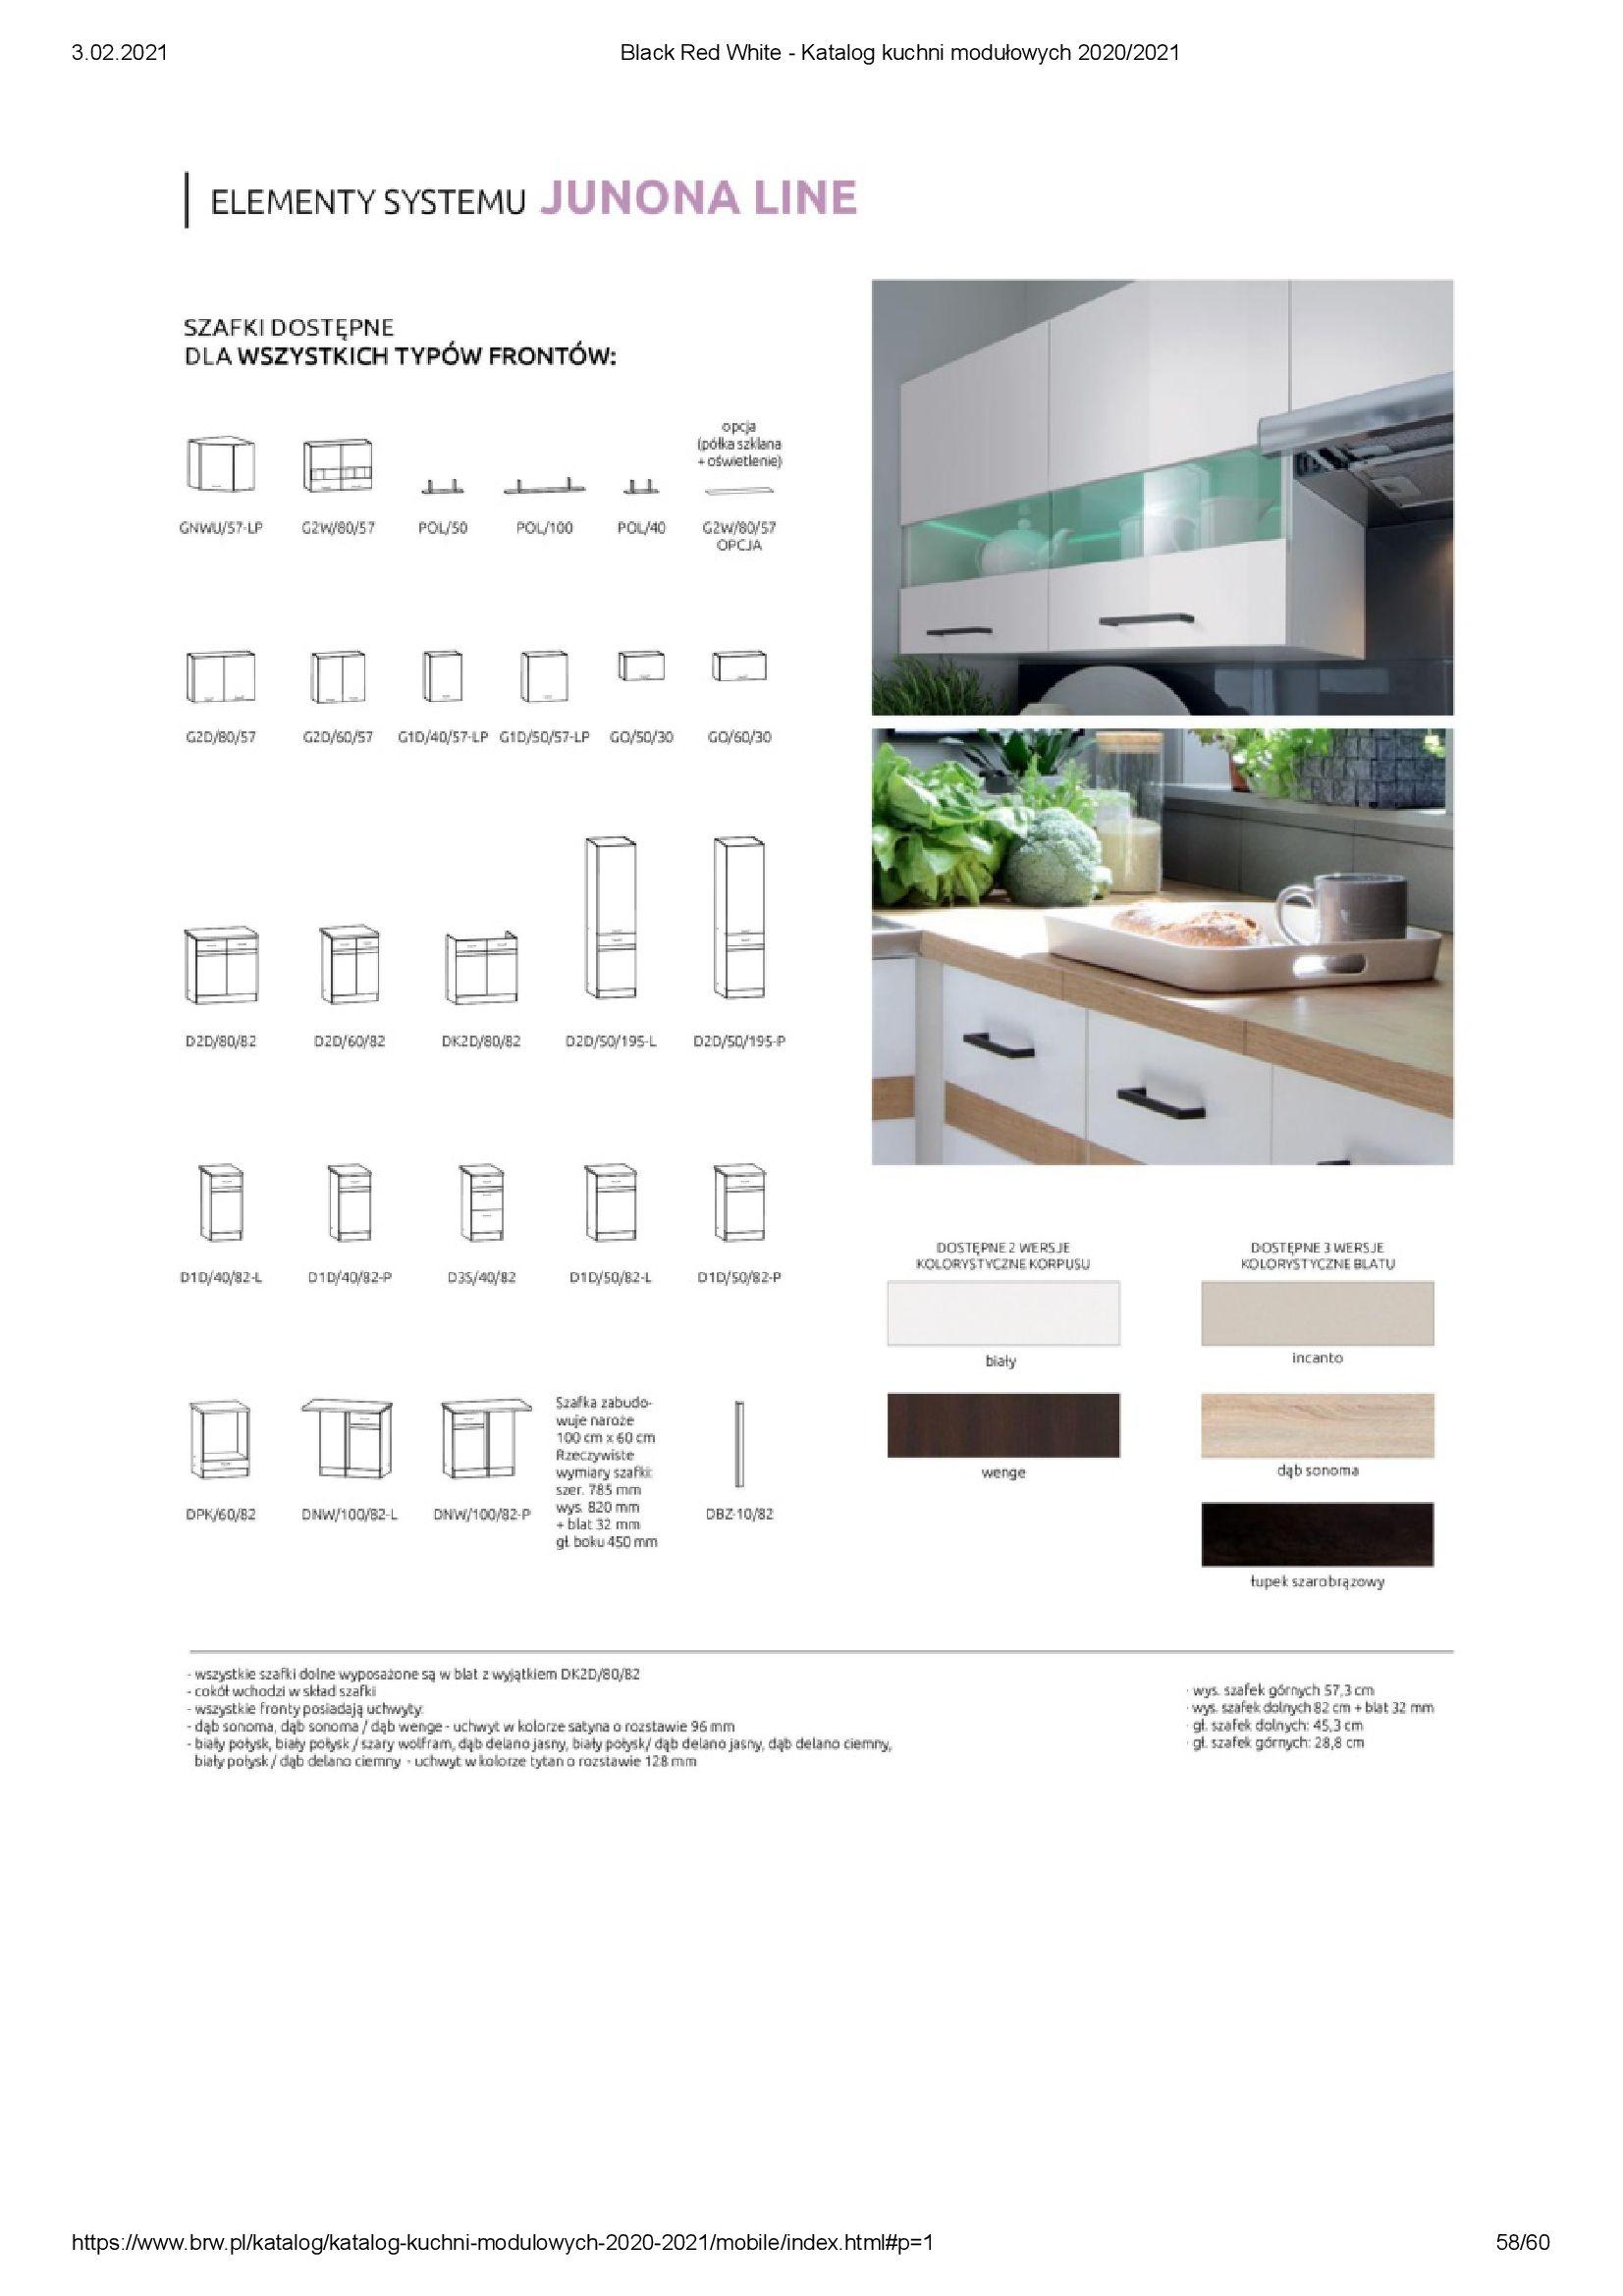 Gazetka Black Red White: Katalog - Kuchnie modułowe 2020/2021 2021-01-01 page-58